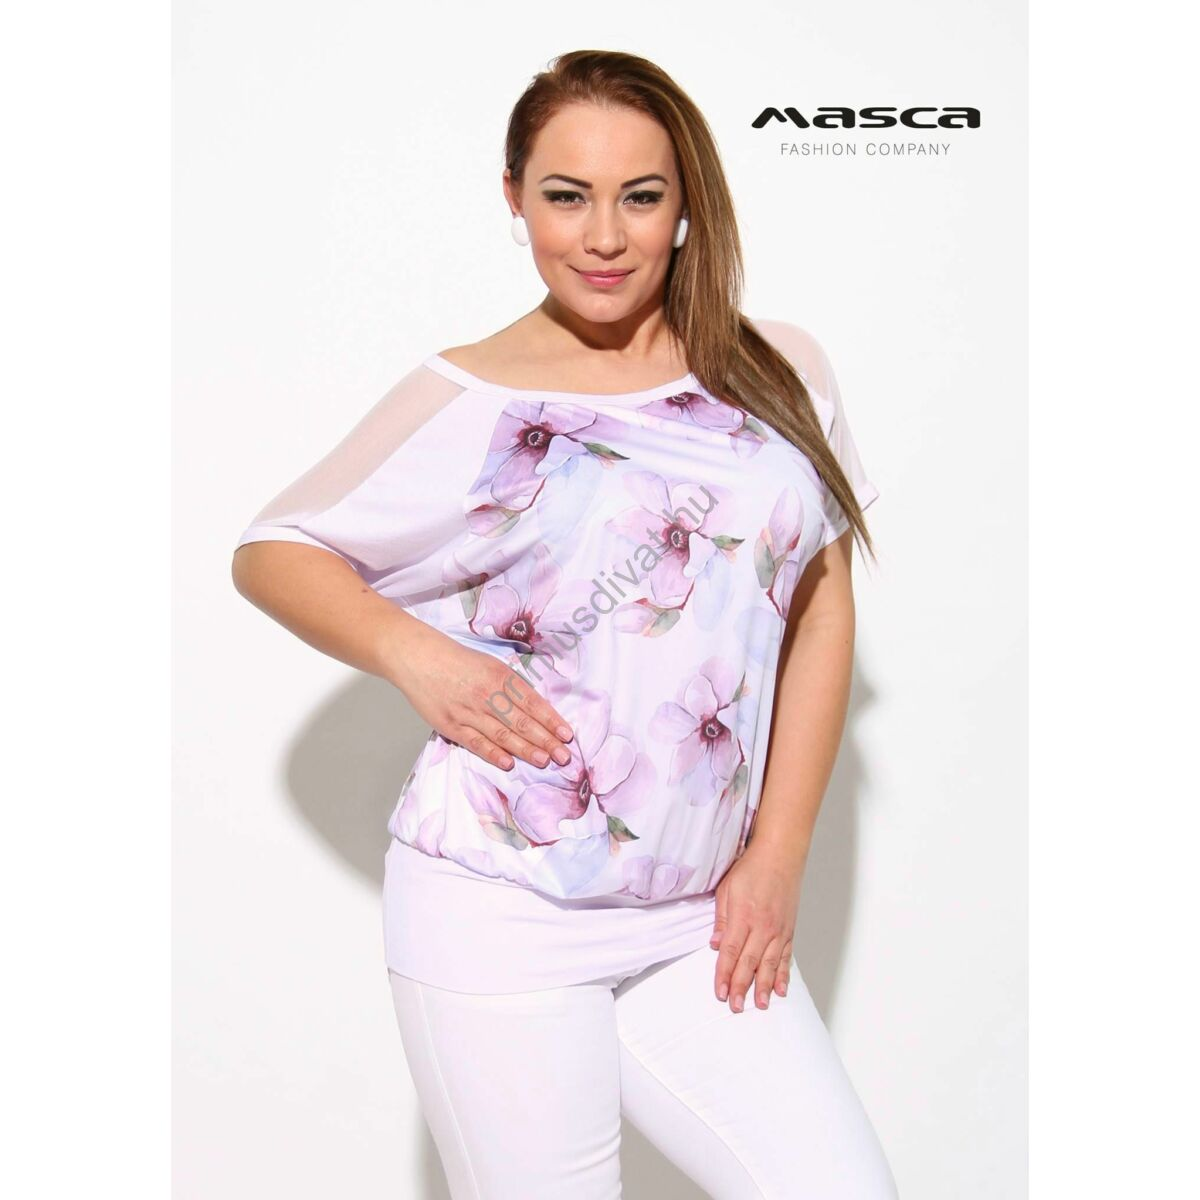 4fb301c43f Kép 1/1 - Masca Fashion halványlila virágmintás csónaknyakú, necc betétes  rövid denevérujjú lezser fehér felső